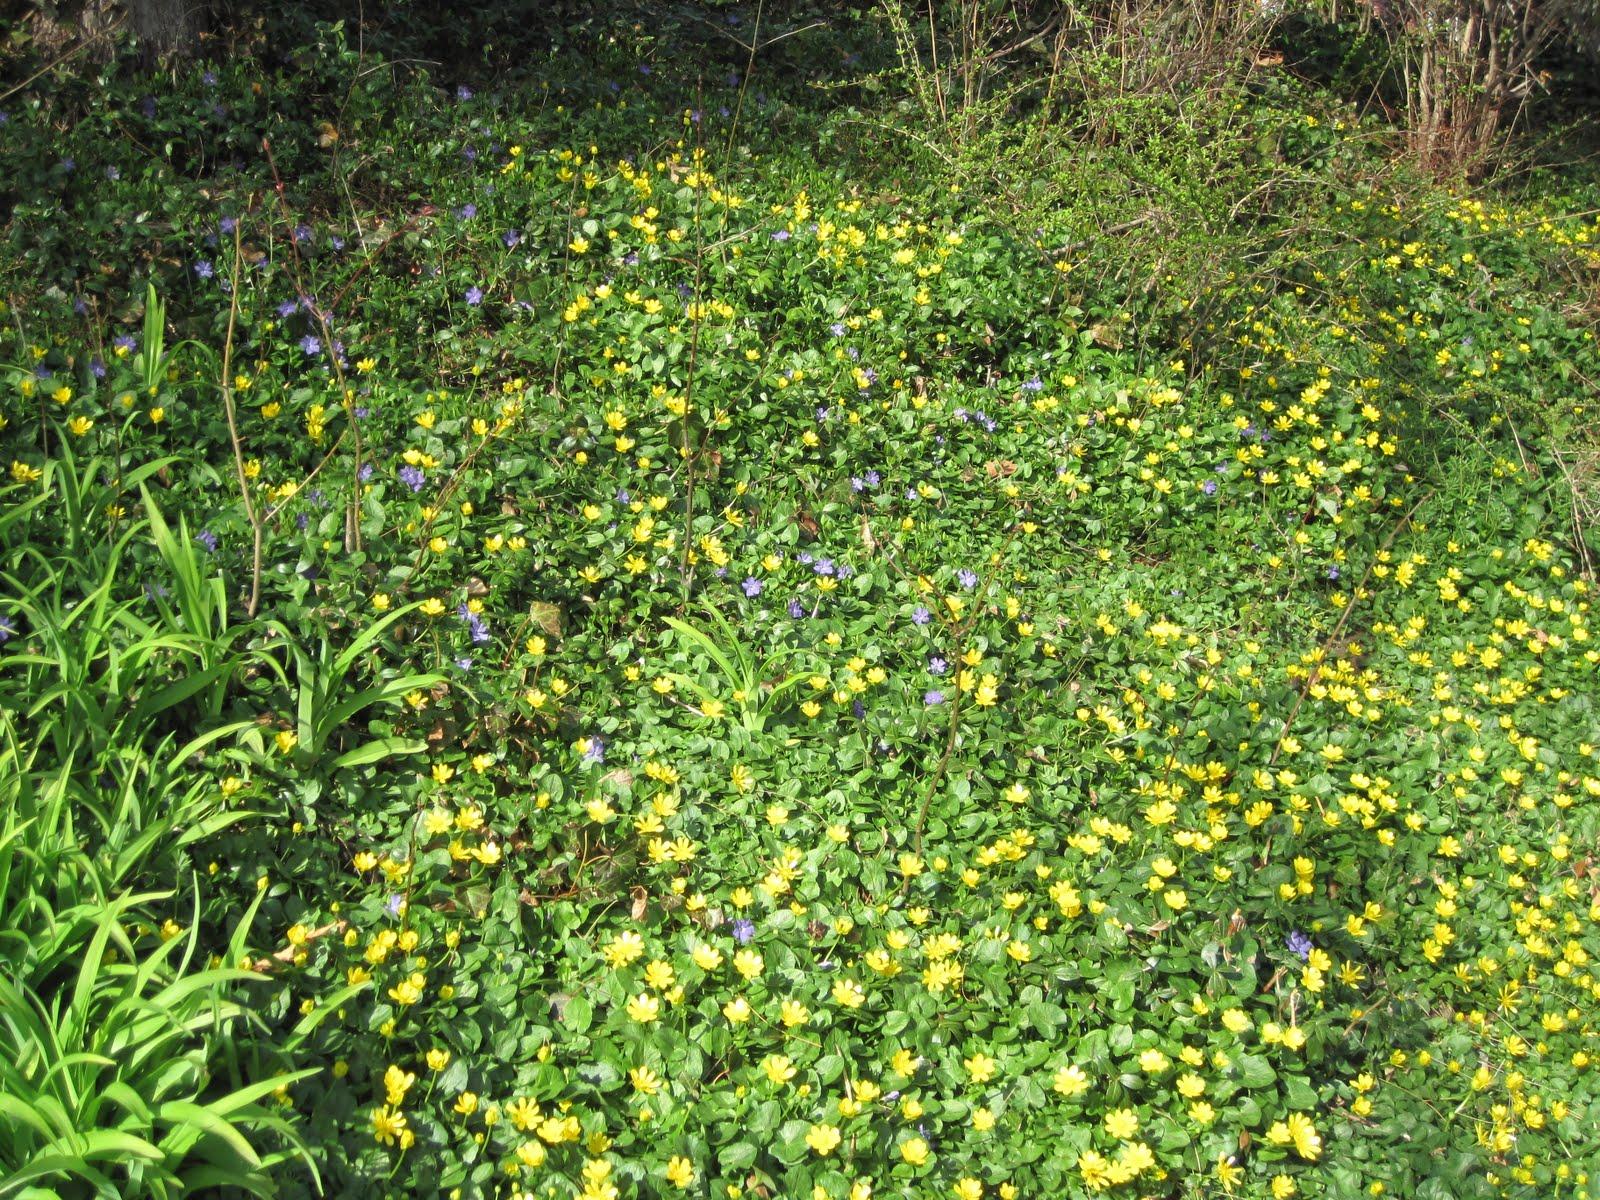 Gardening and gardens sweet little buttercup or is it gardening and gardens mightylinksfo